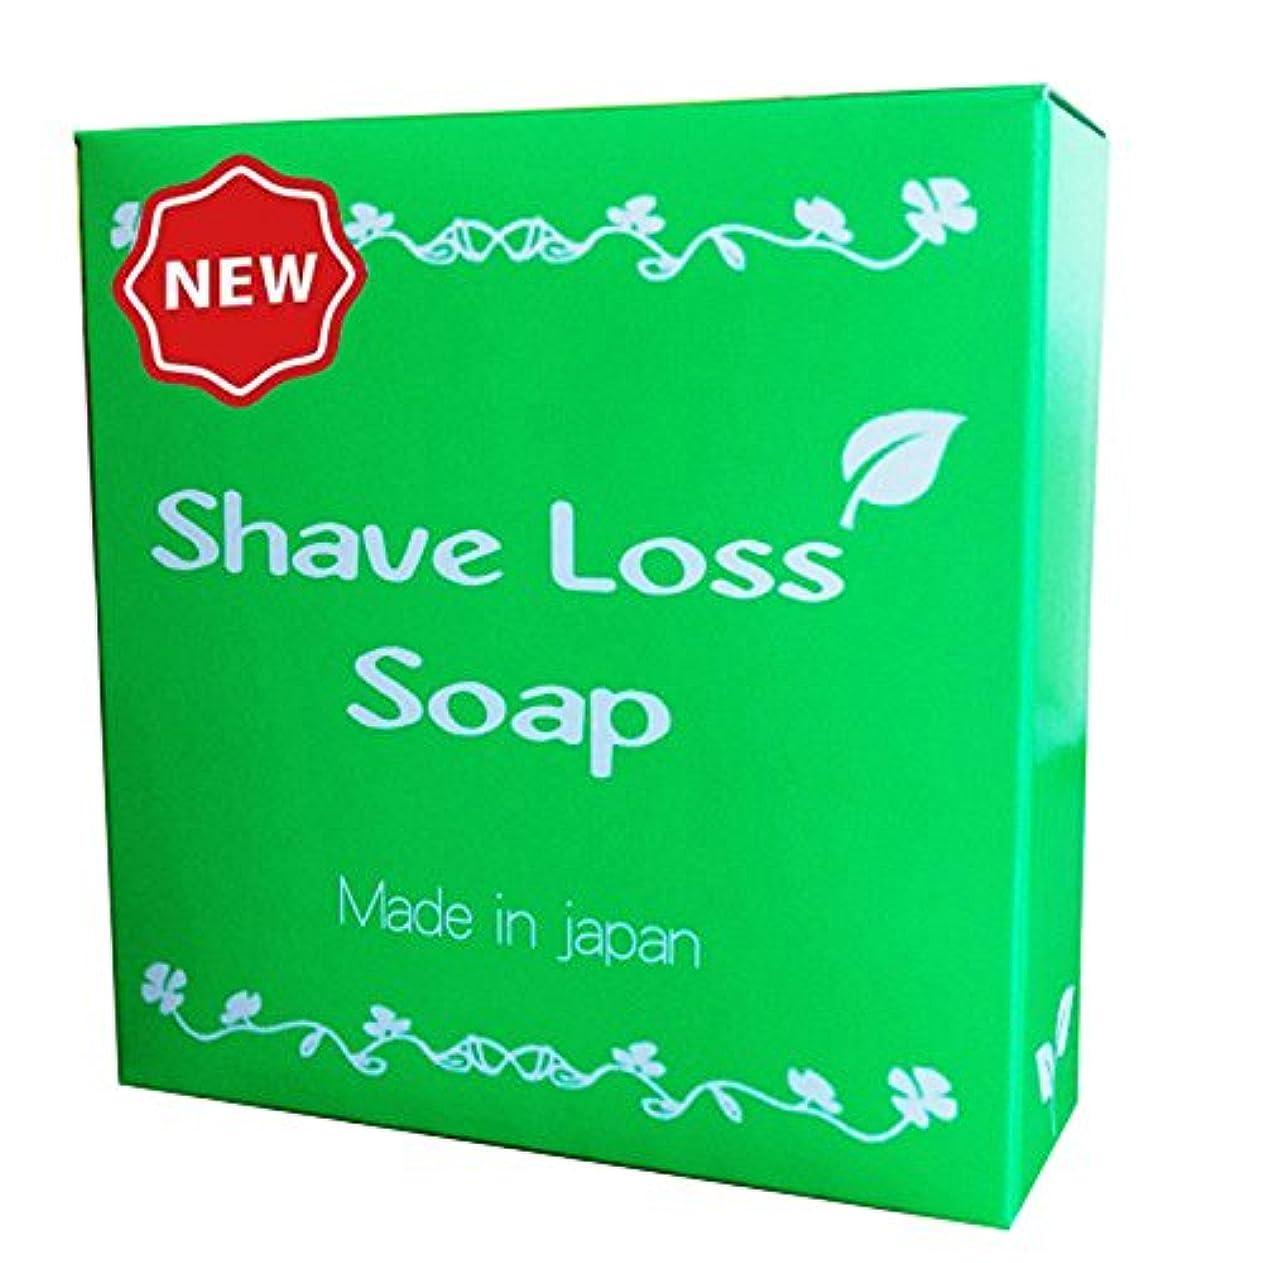 ご予約減衰不十分な【NEW】Shave Loss Soap 女性の願いを叶える 石鹸 80g 「ダイズ種子エキス」 「ラレアディバリカタエキス」大幅増量タイプ